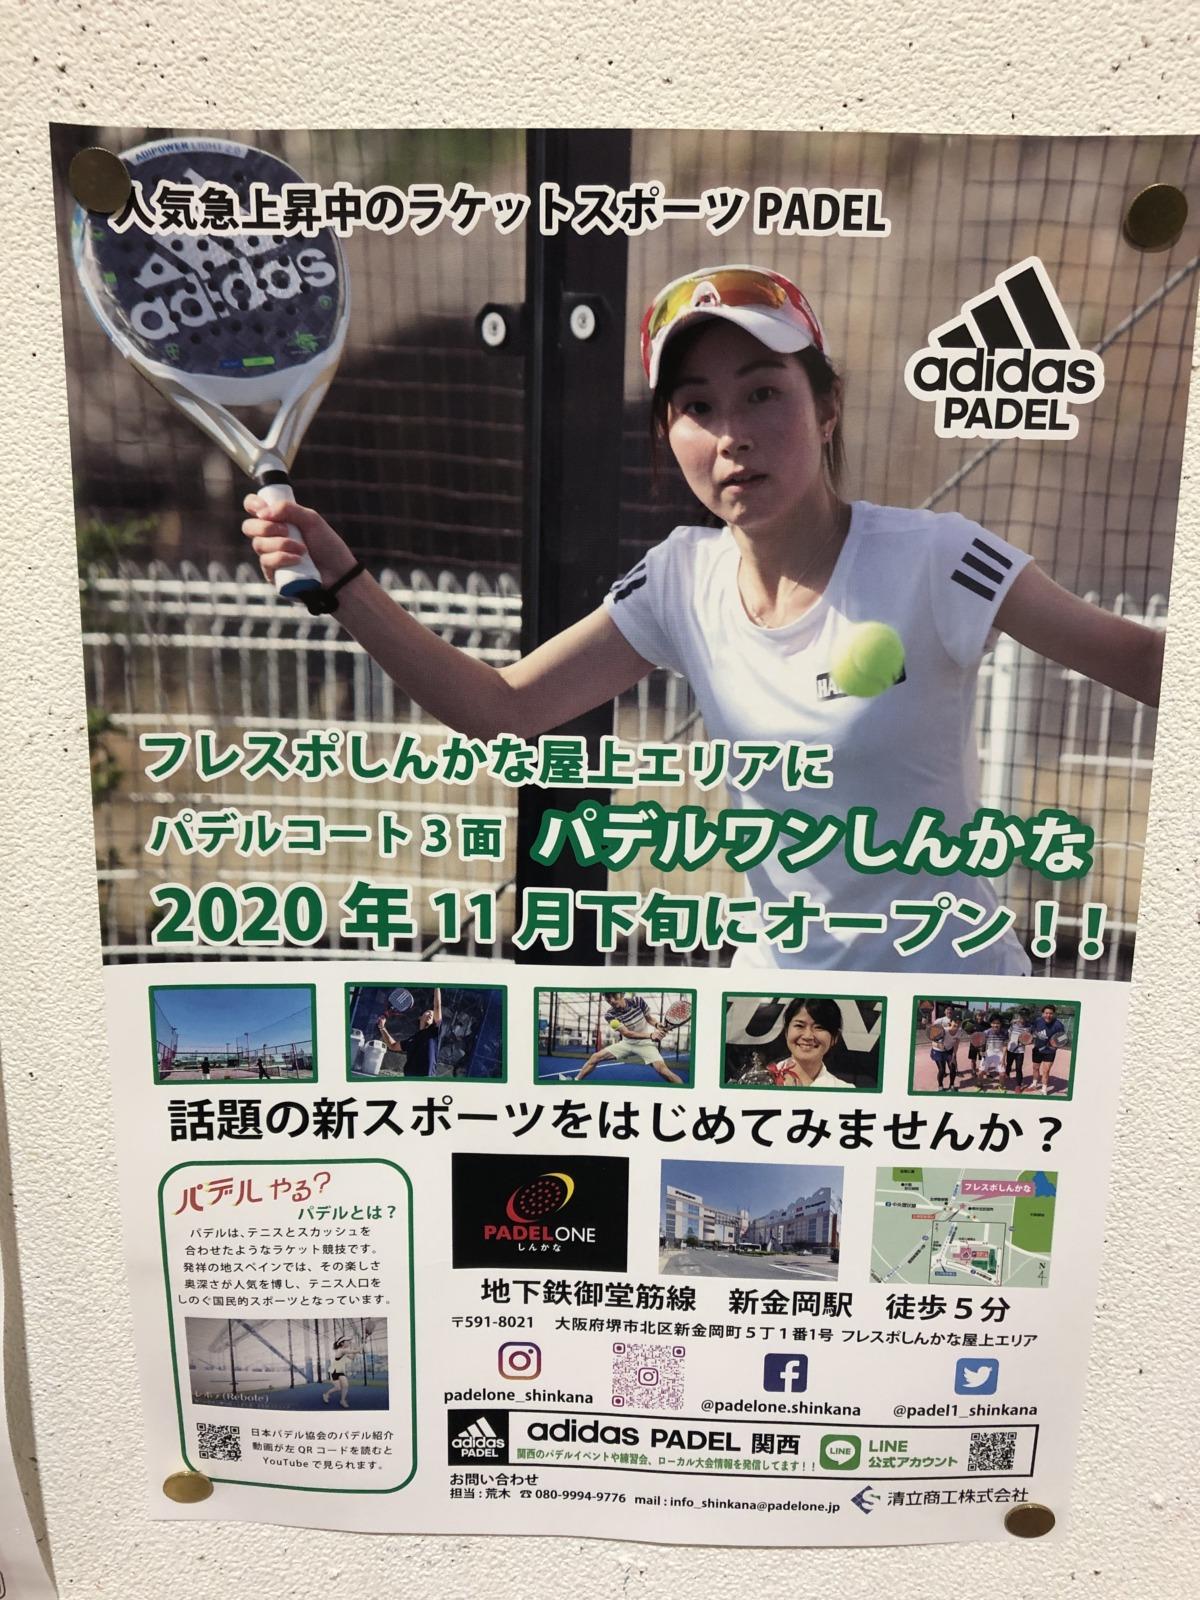 【2020.11/22オープン】関西最大の施設が新金岡に!!フレスポしんかな屋上にスペインの国民的スポーツ『パデルワンしんかな』がオープンするみたい!: